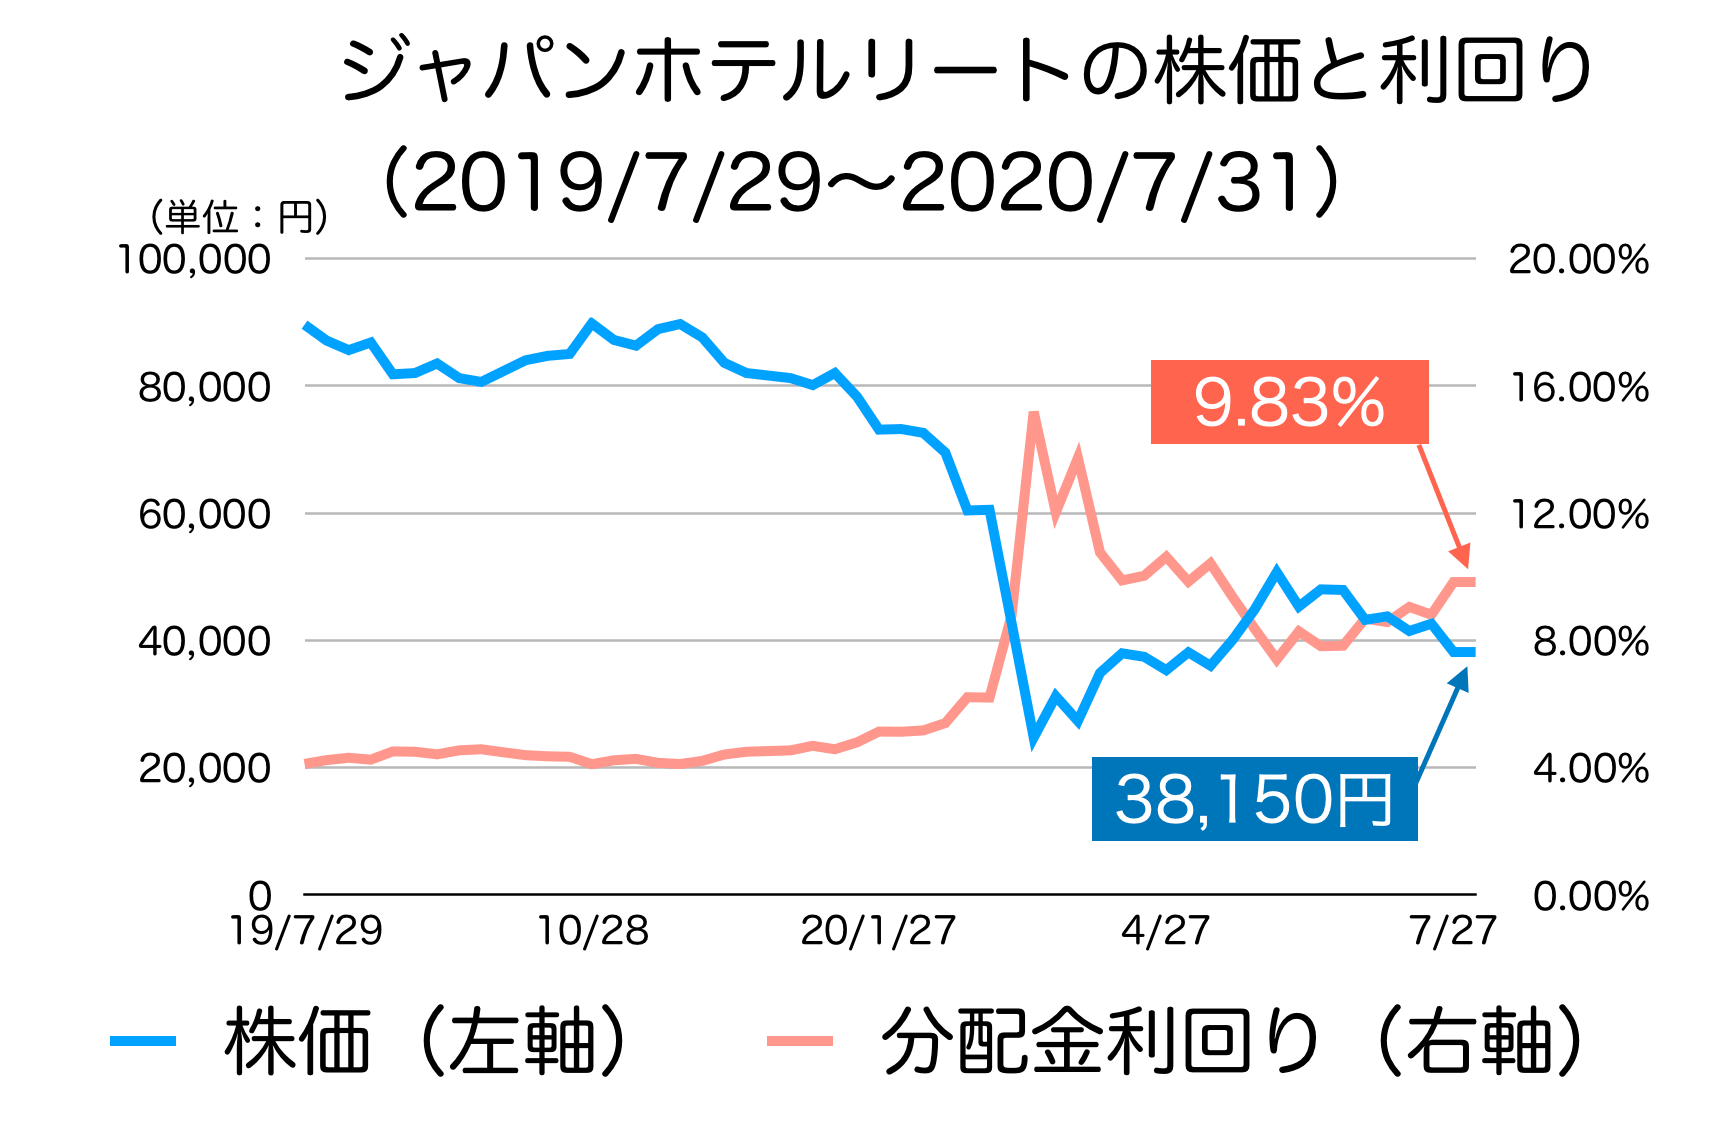 ジャパンホテルリート投資法人の株価と利回り